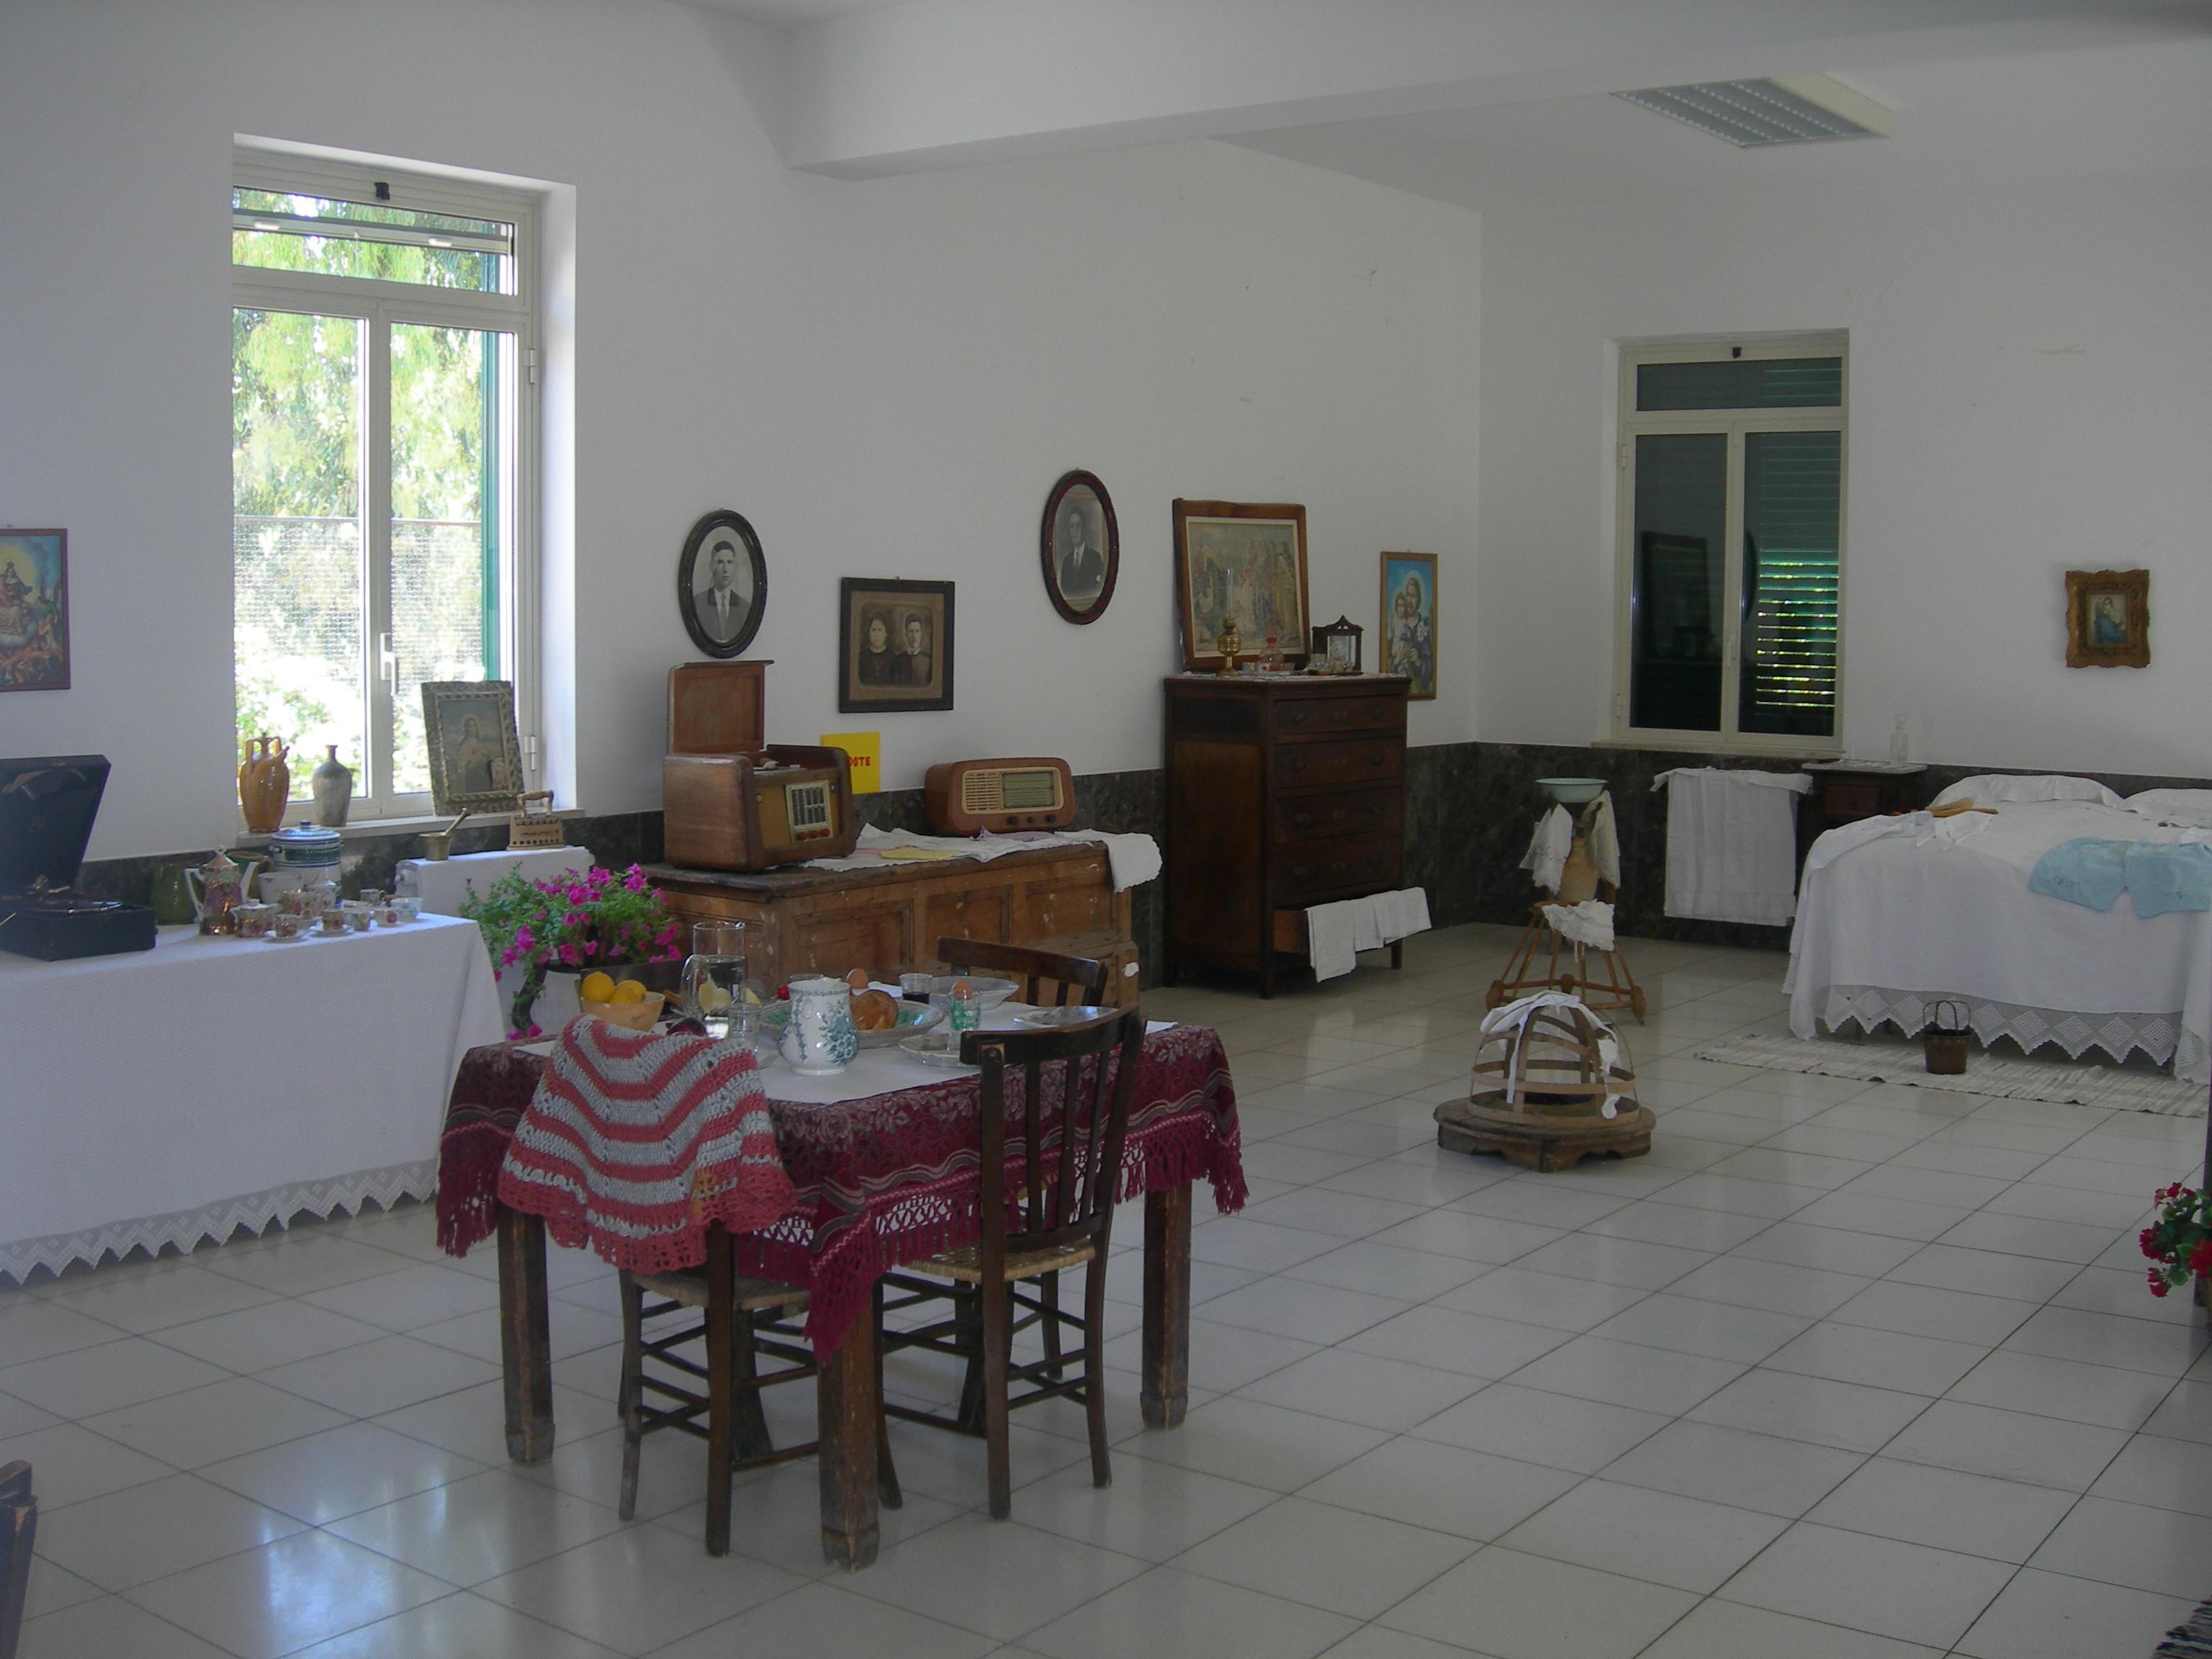 Amarcord dei tempi andati milocca milena libera for Arredamento casa antica